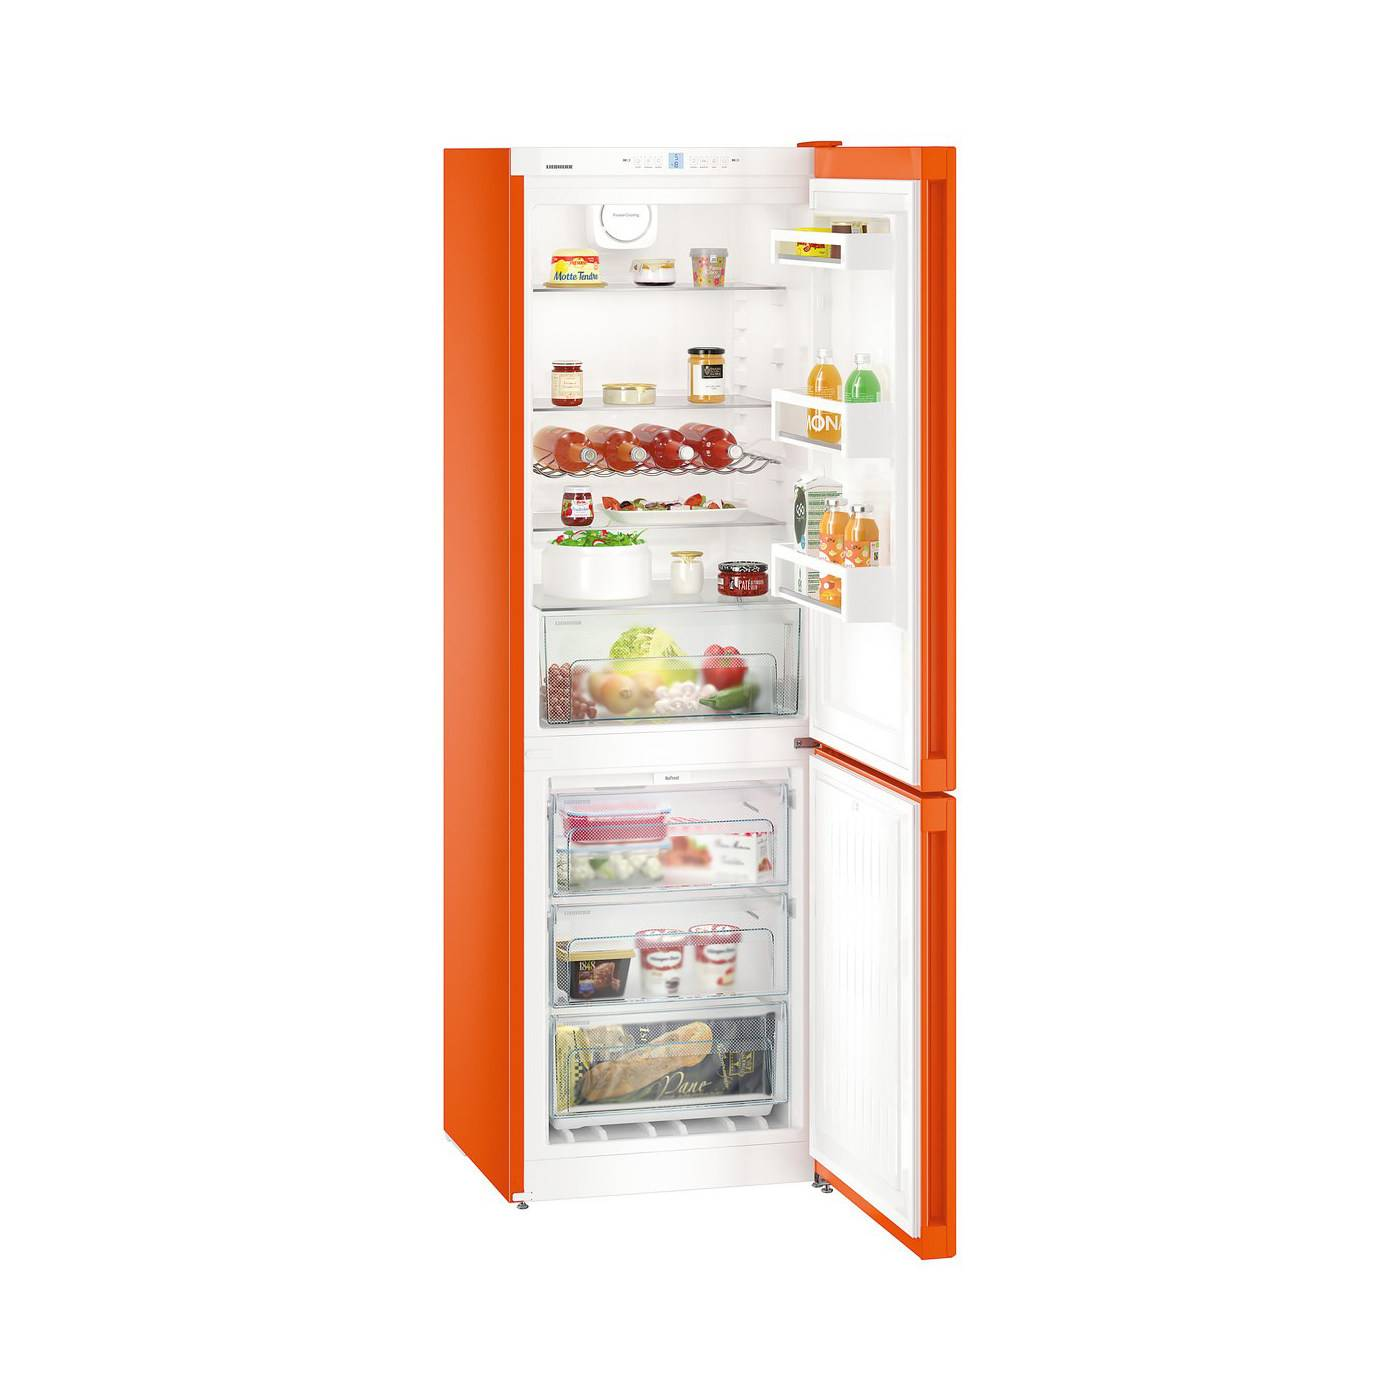 Liebherr CNno4313 Fridge Freezer